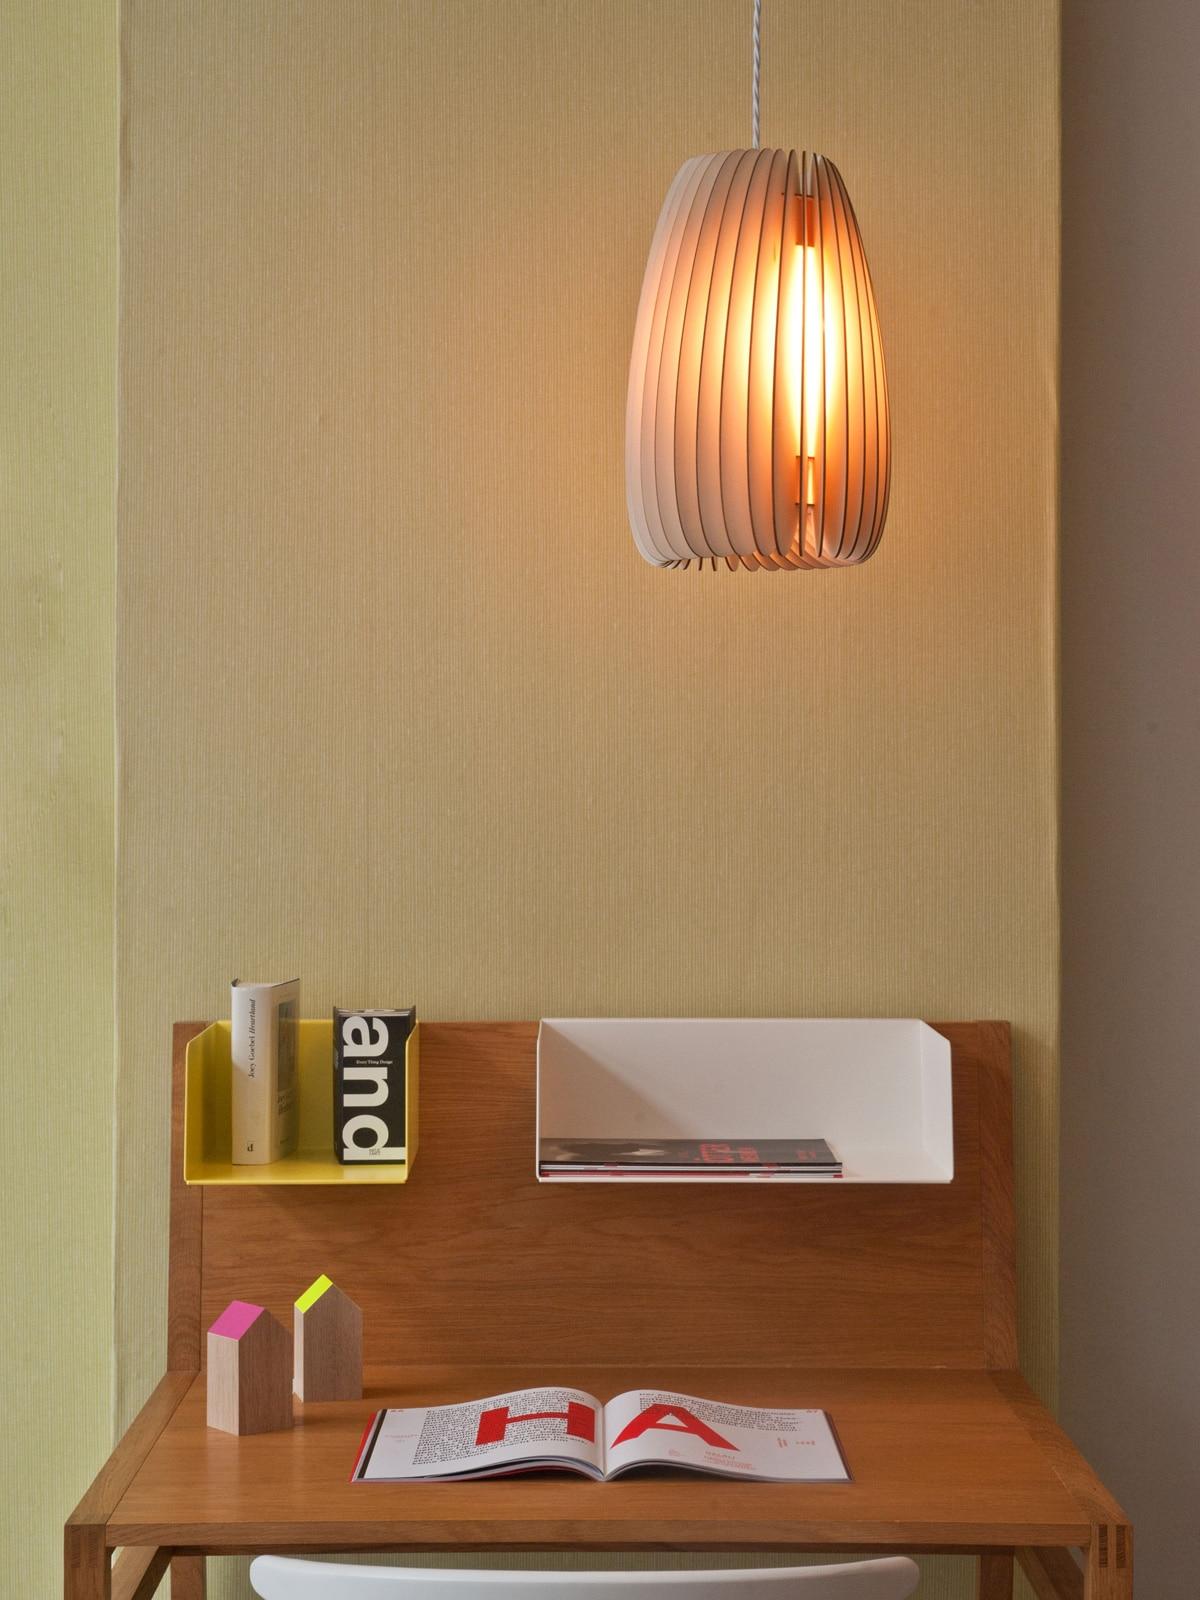 Secundum lampen leuchten designerleuchten online berlin for Designerleuchten esszimmer